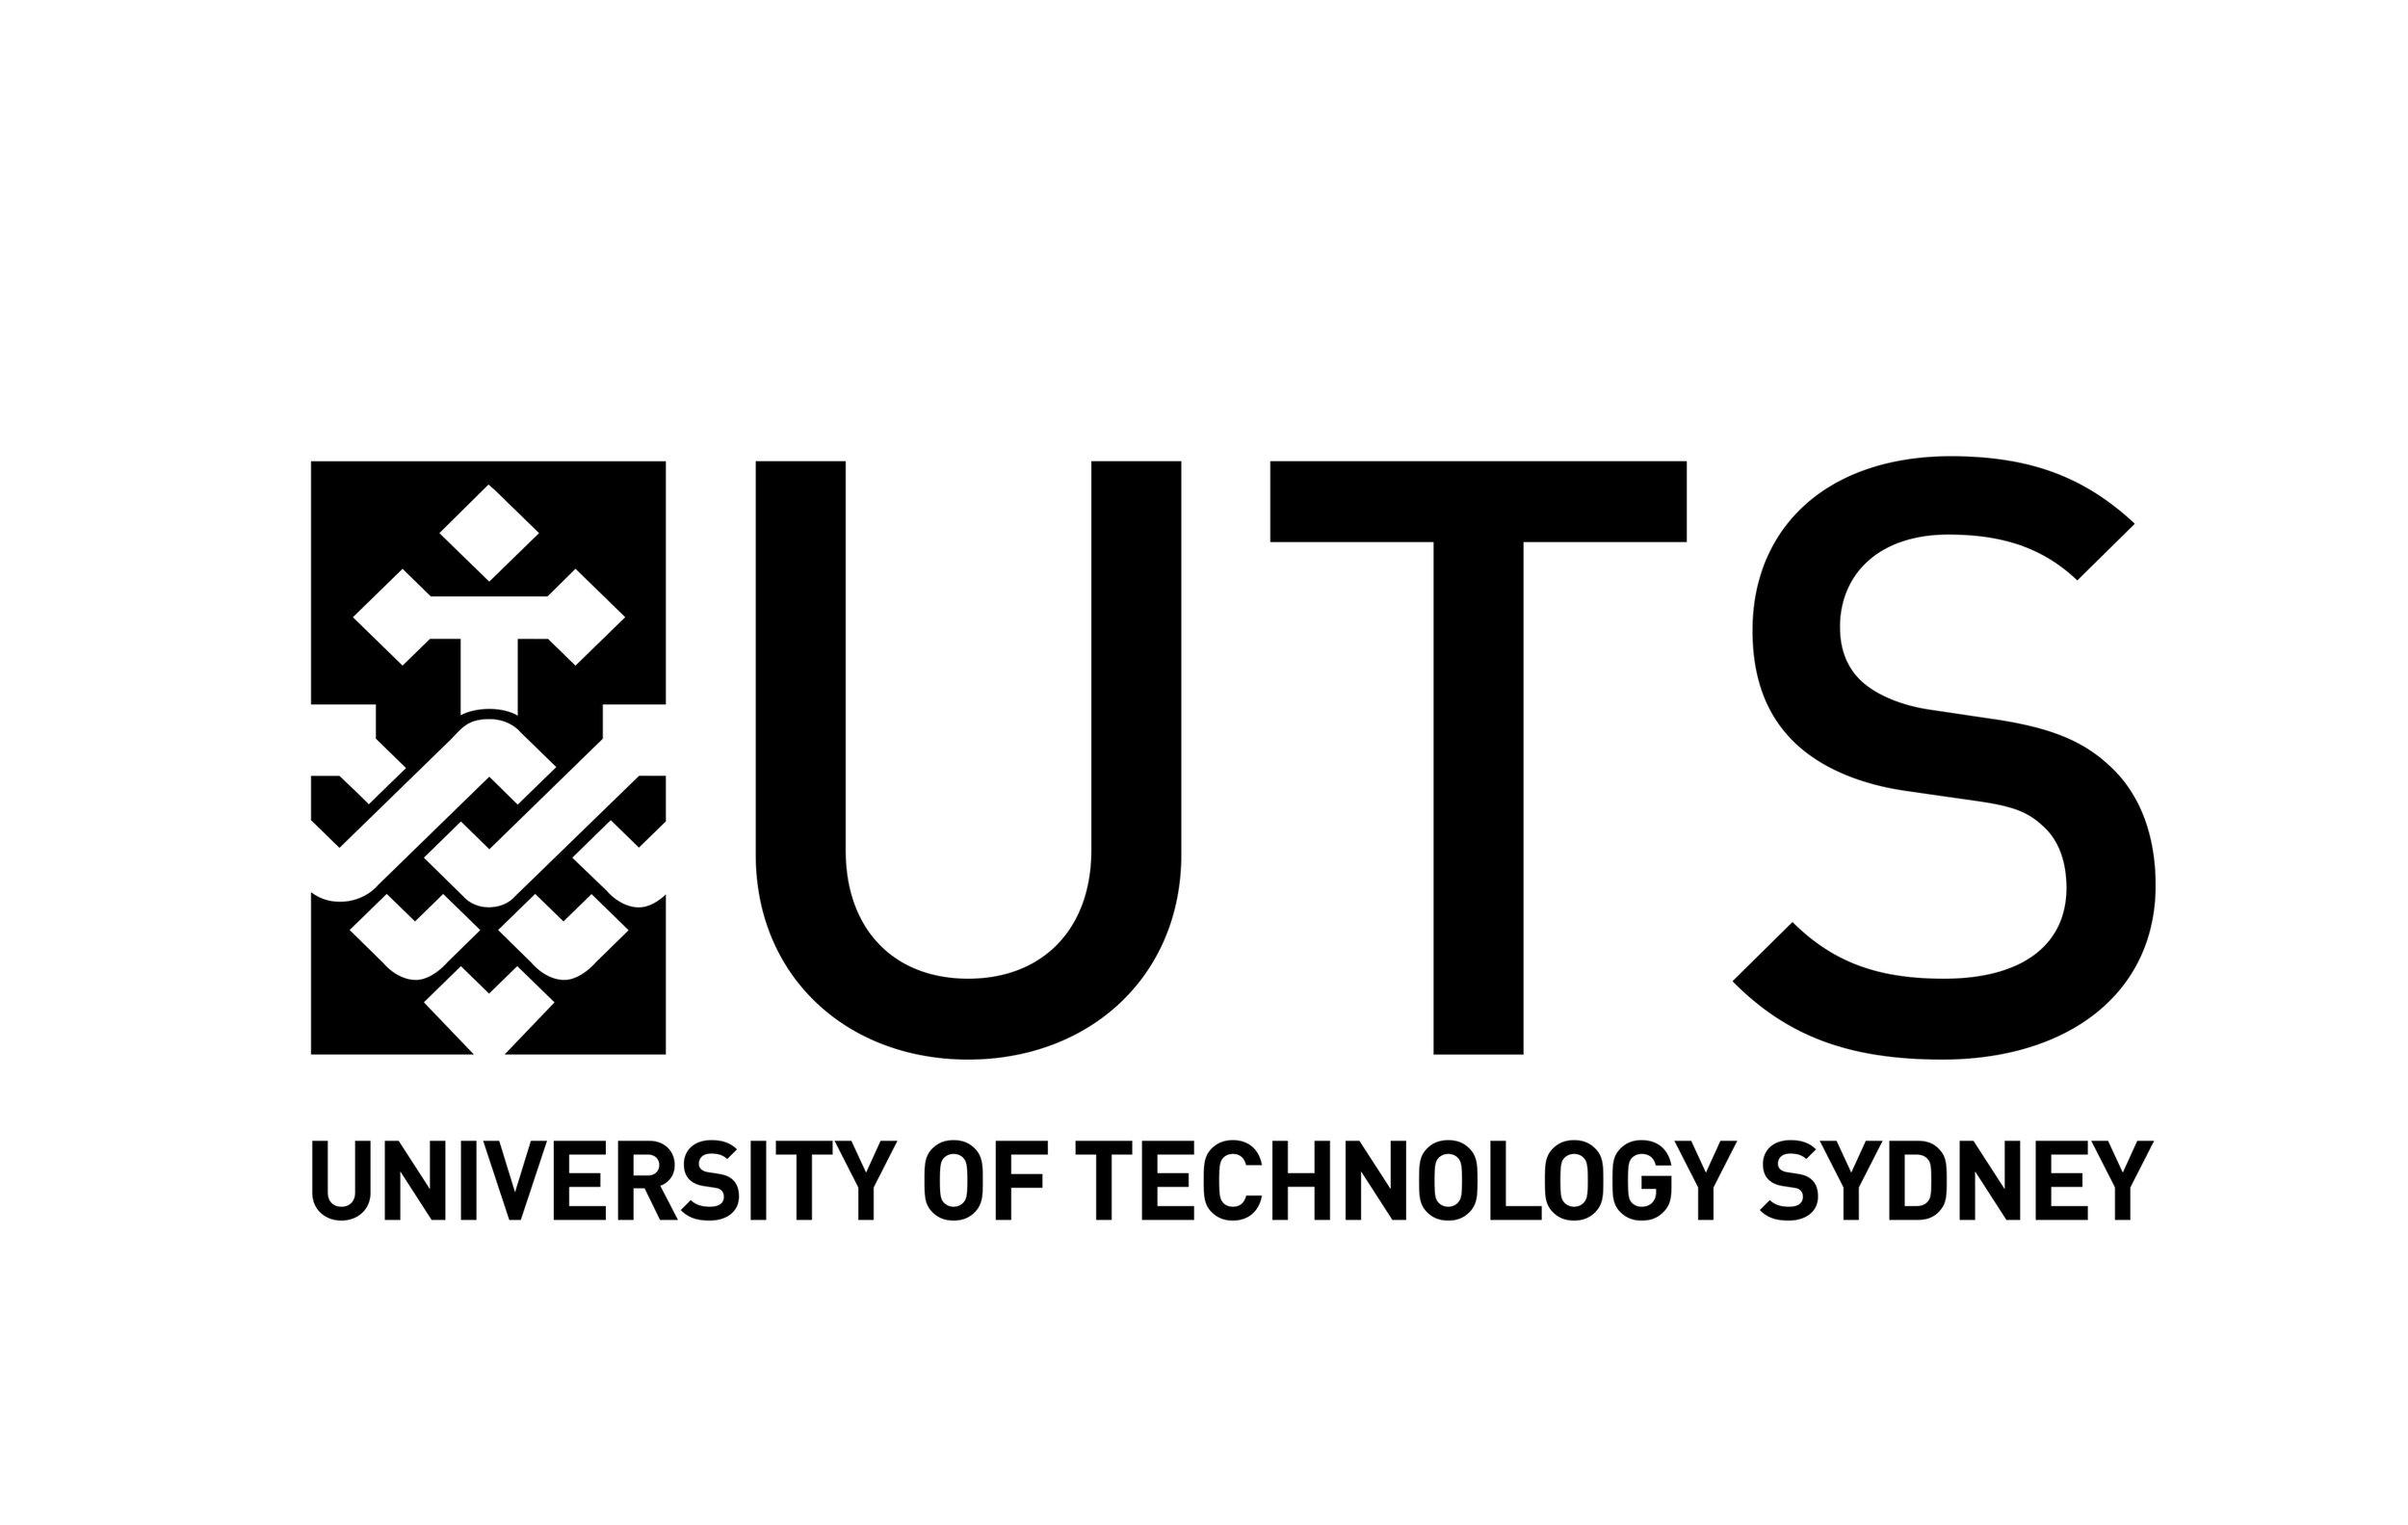 Black-UTS-logo-Title-HI-RES.jpg